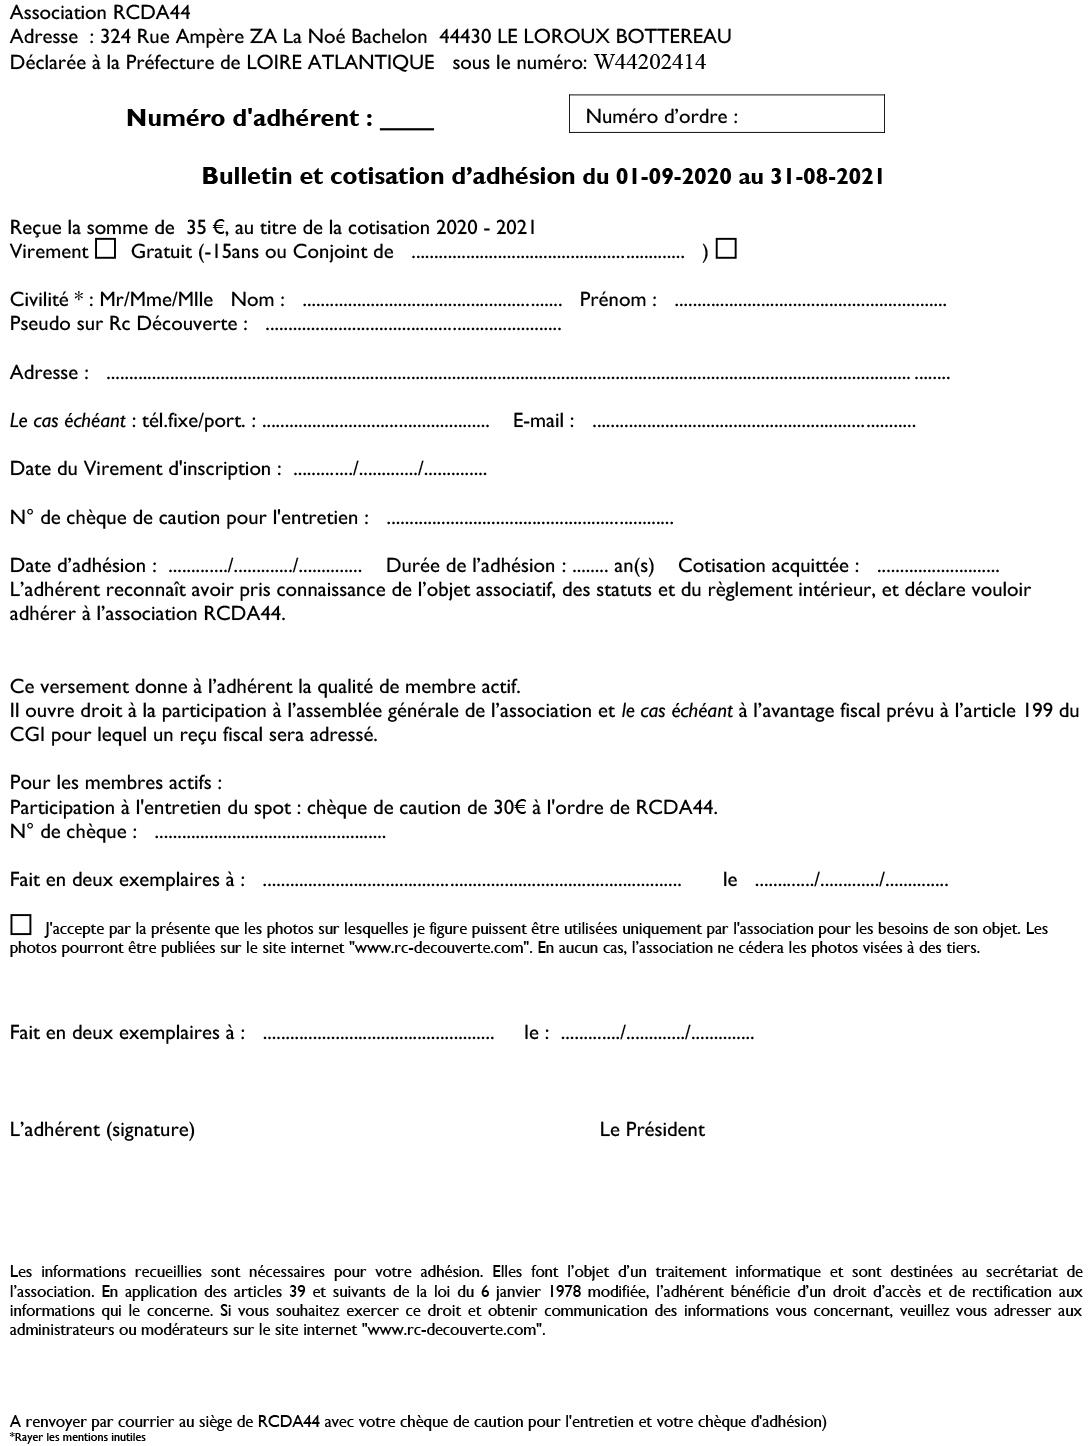 Présentation de l'Association RCDA44, Modalité d'Inscription et Donations V7-bul10